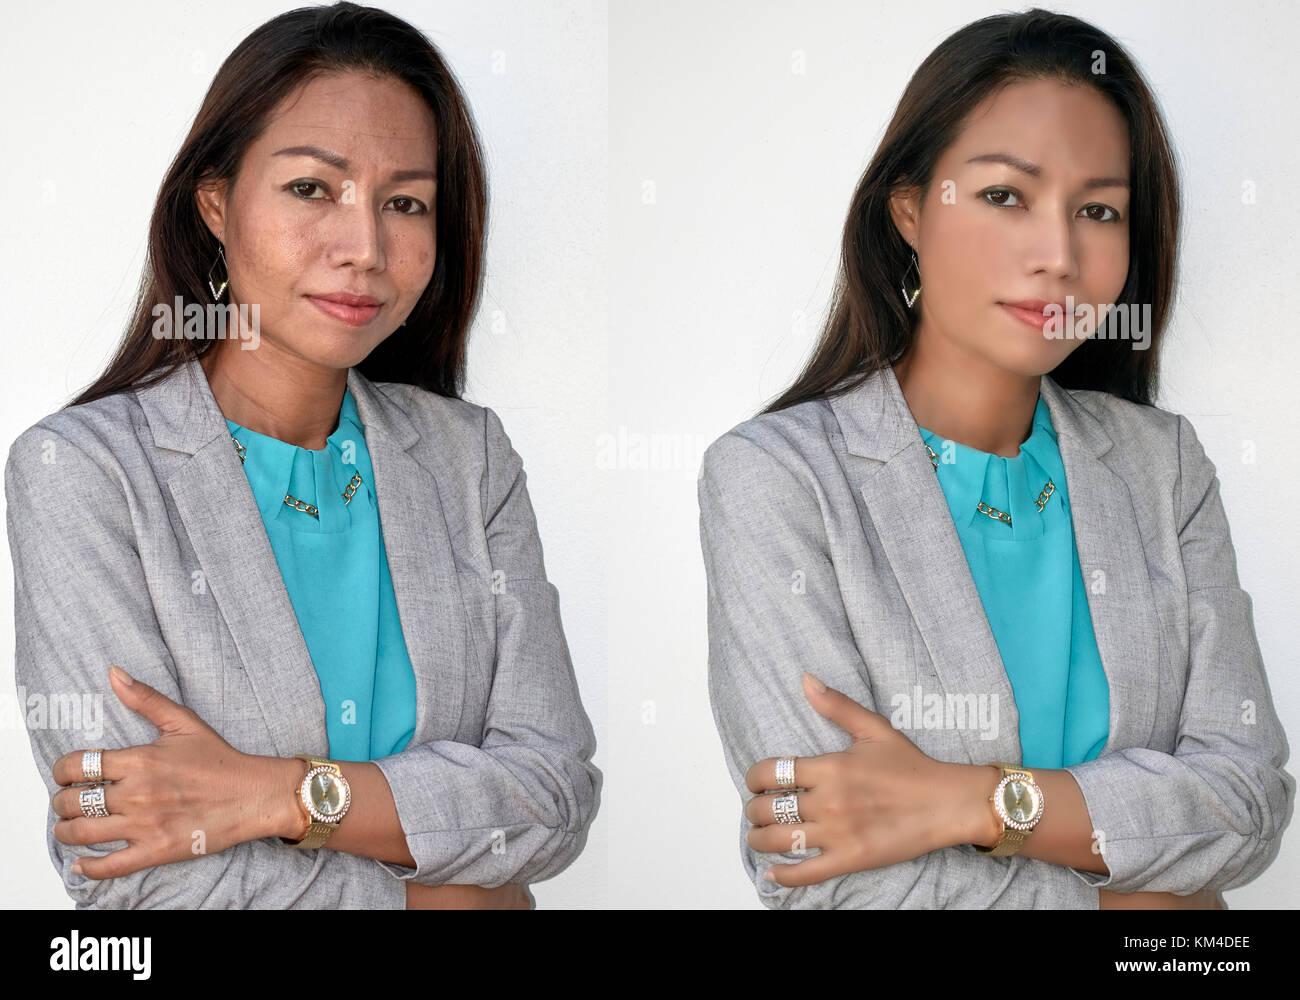 Vor und nach Photoshop manipulation Porträt eines reifen 45 Jahre alte Frau. Digitale makeover Stockbild